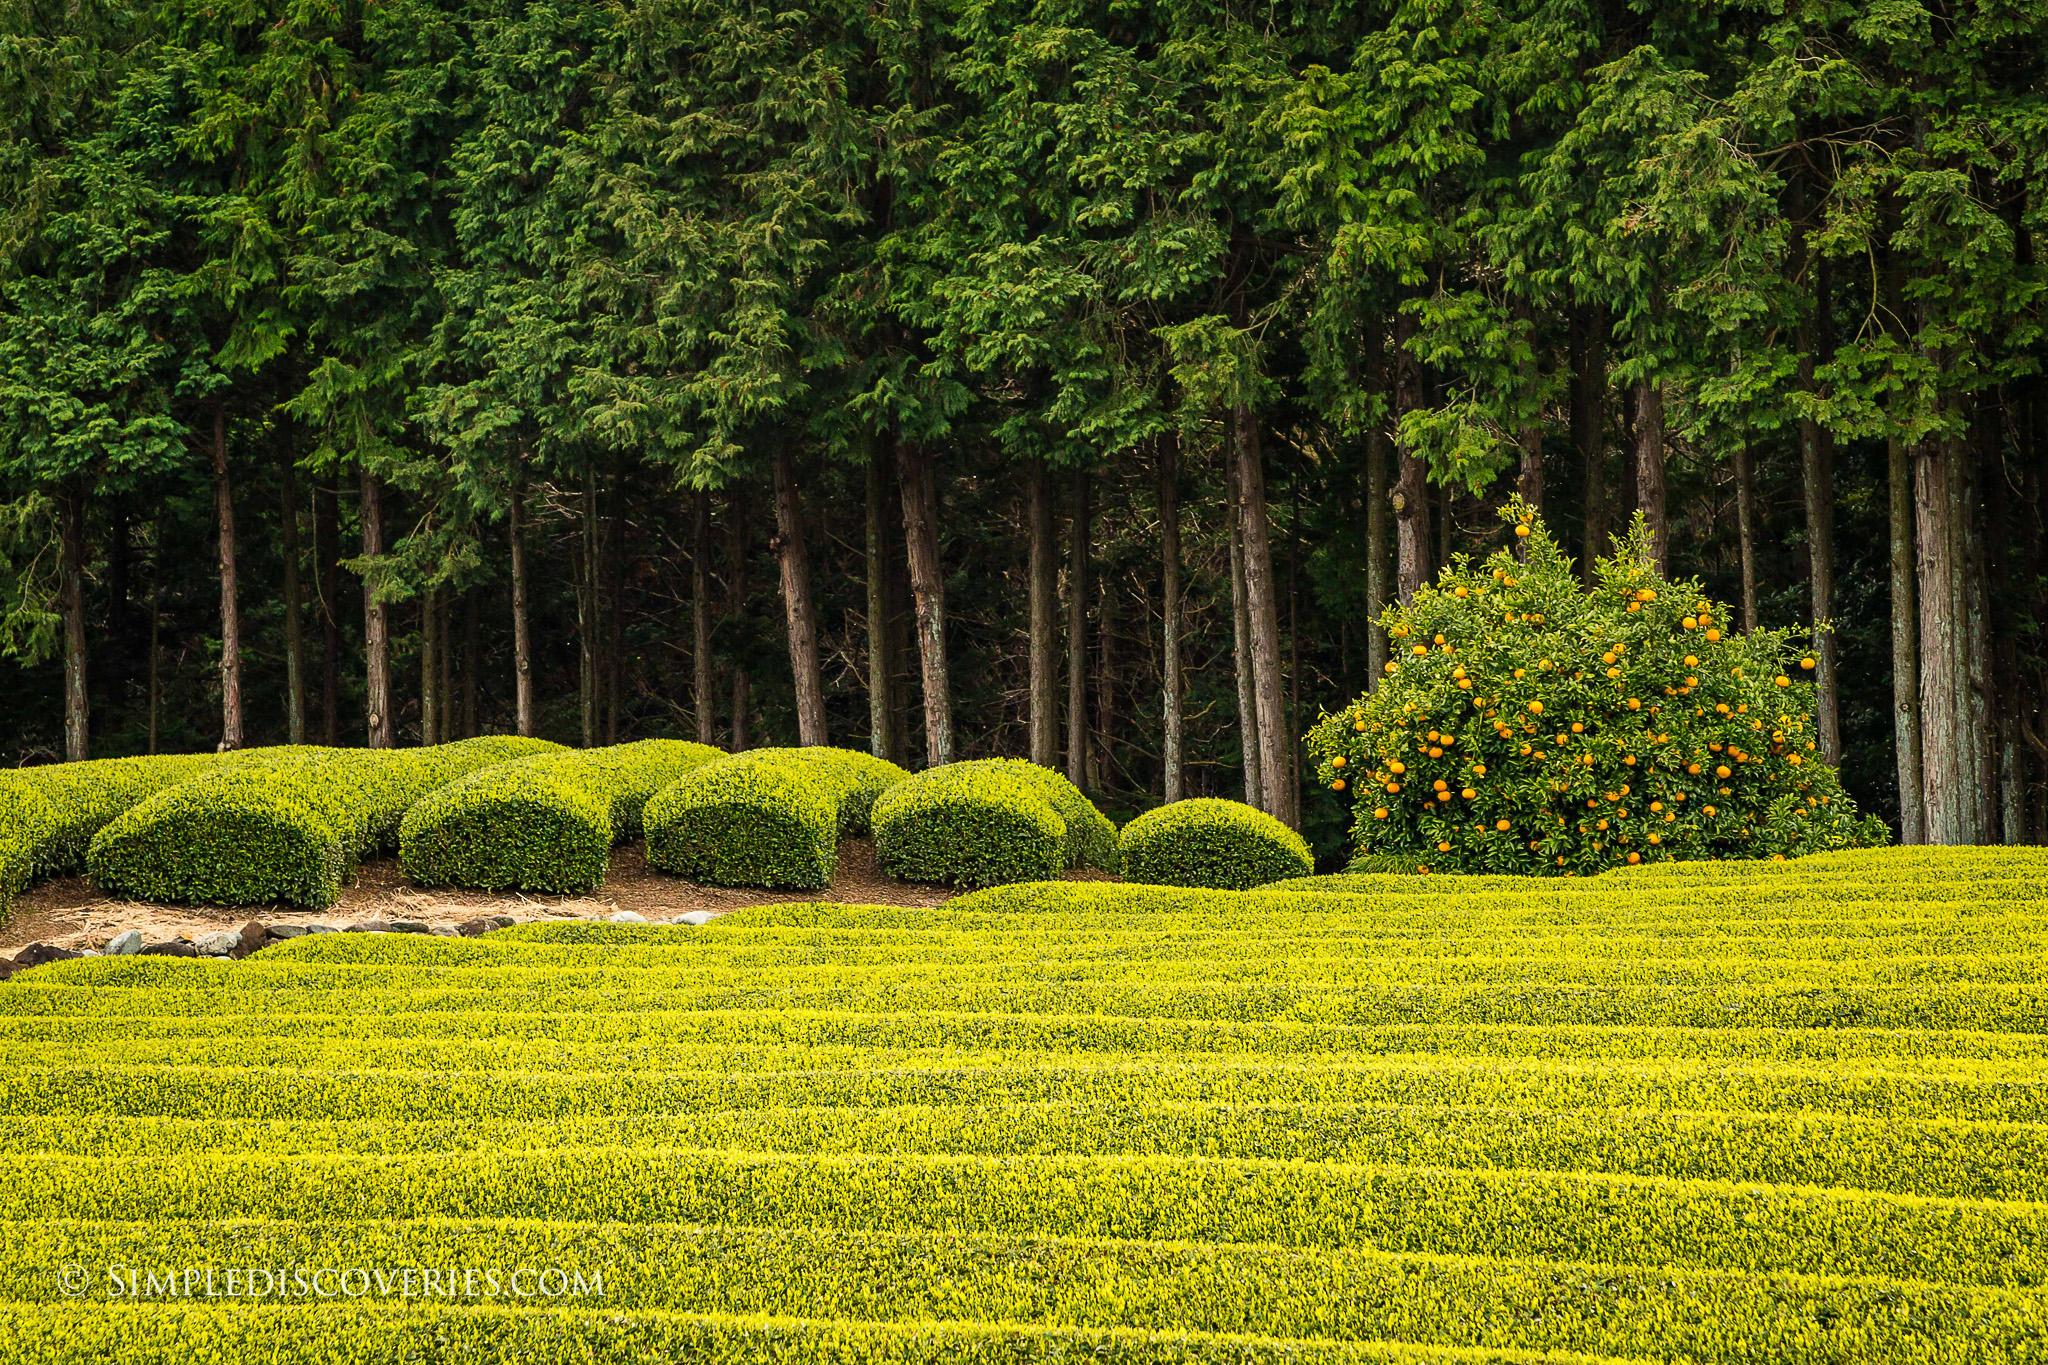 Japan_Fuji_Crops